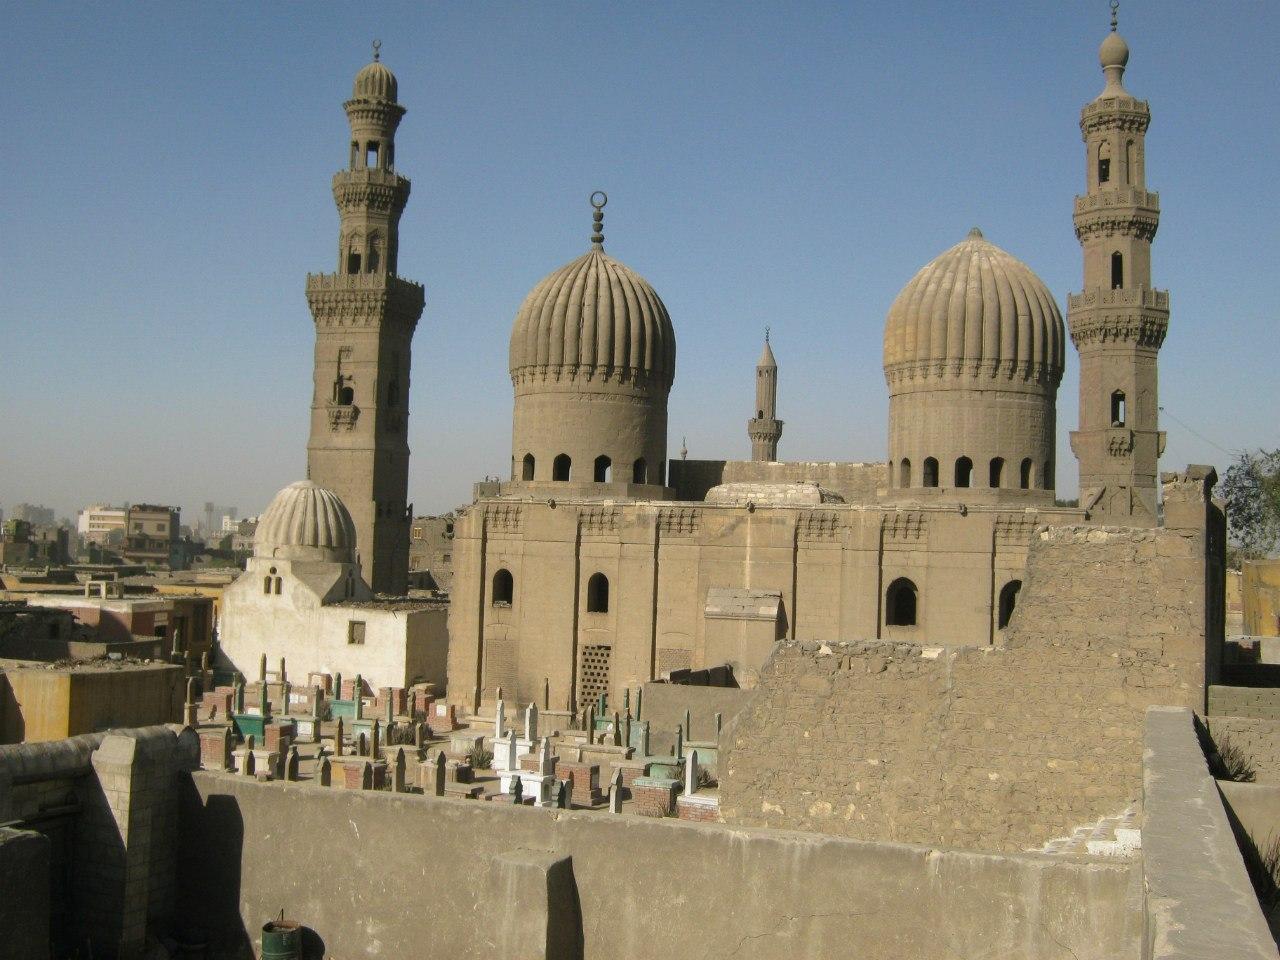 мавзолей султана в центре Каира